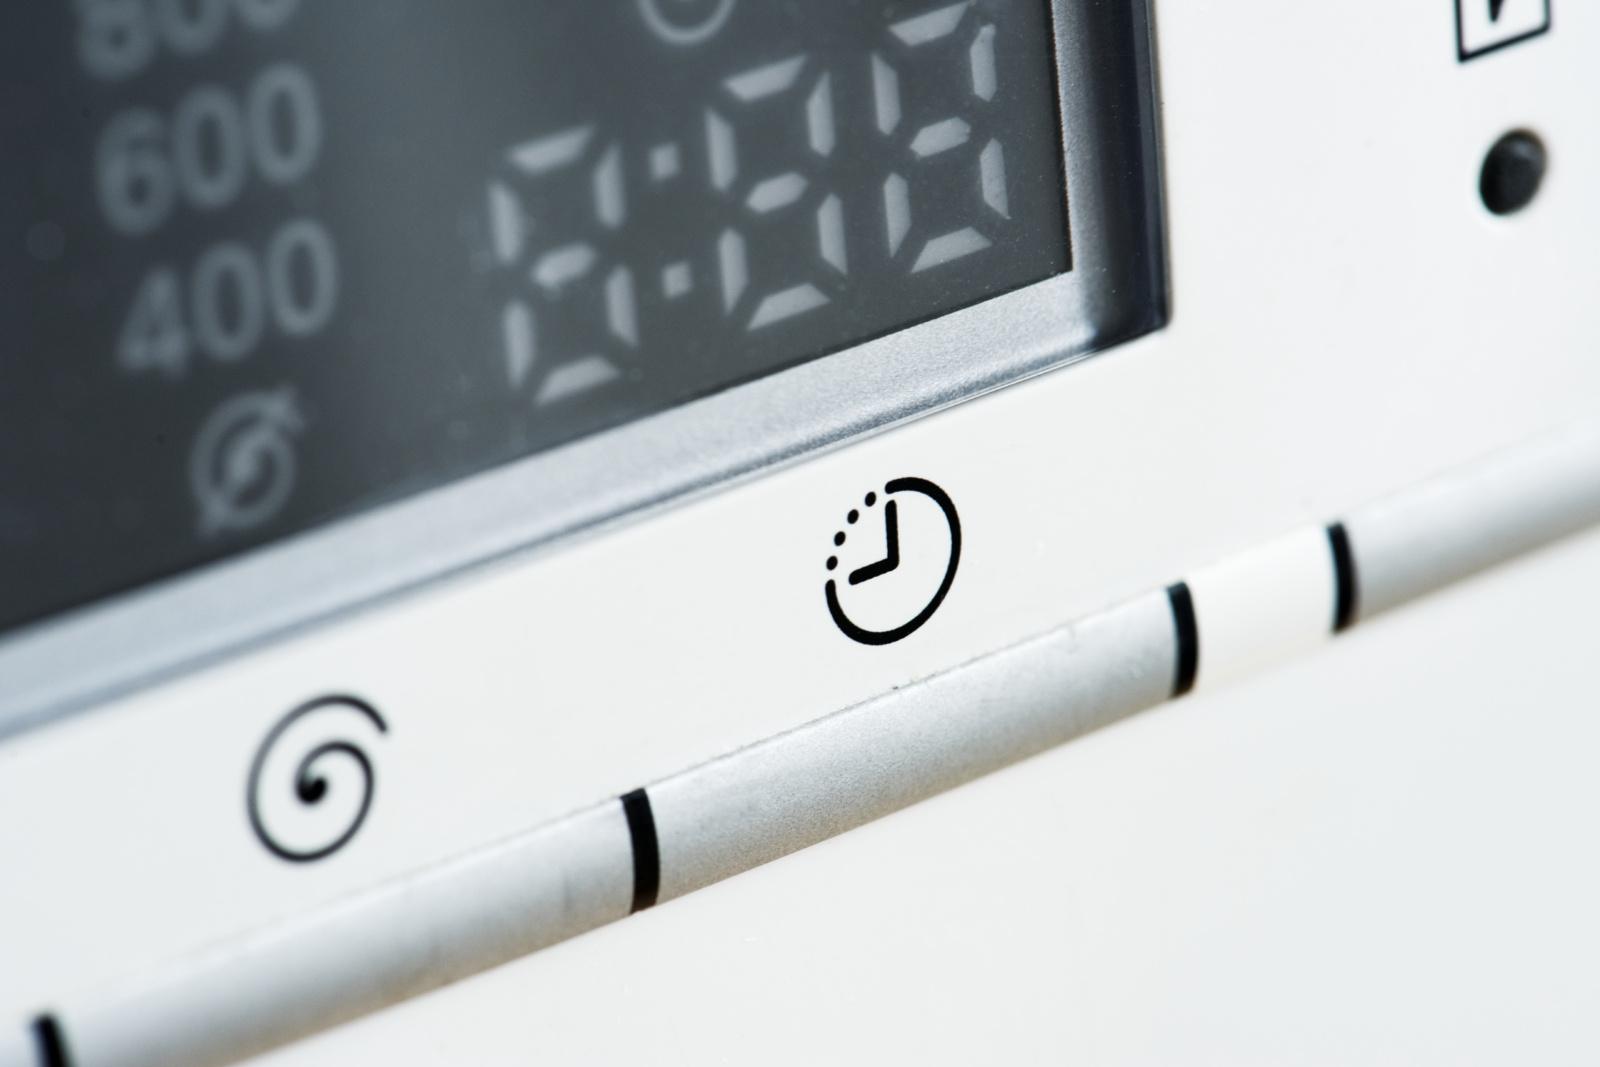 Kai namuose ir darbas, ir laisvalaikis – kaip saugiai naudotis visais elektros prietaisais?